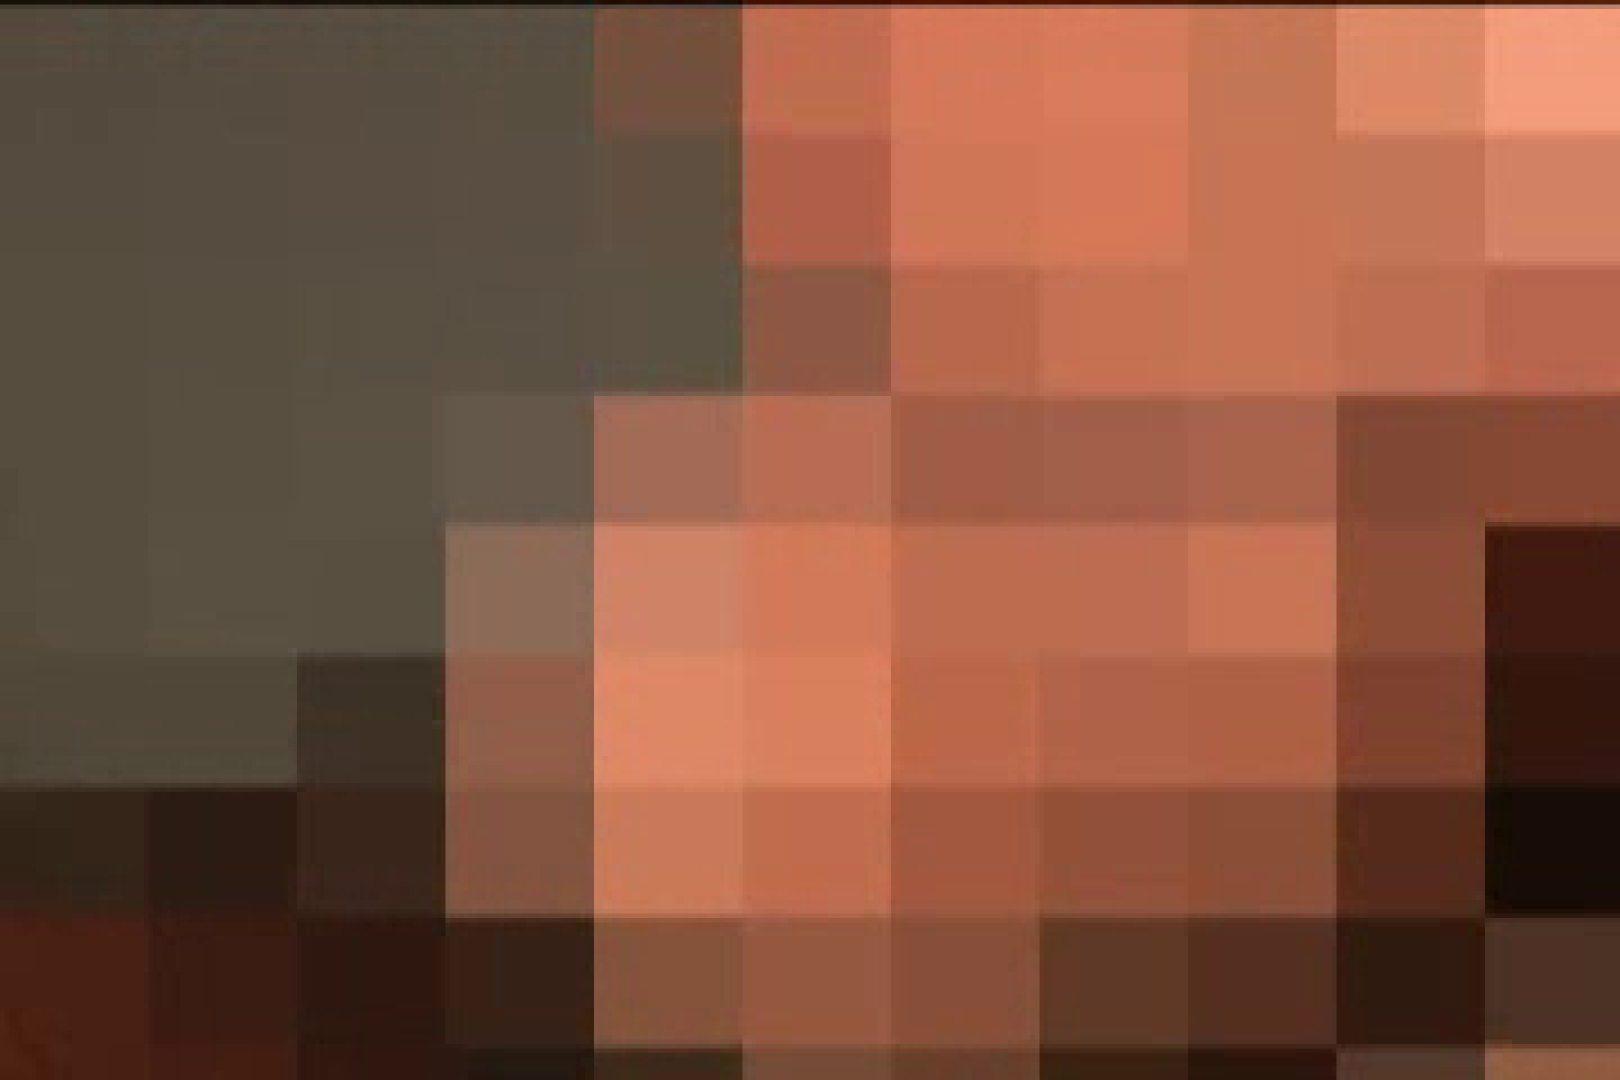 悶絶!!ケツマンFighters!! Part.04 マッチョ ゲイフリーエロ画像 91枚 75